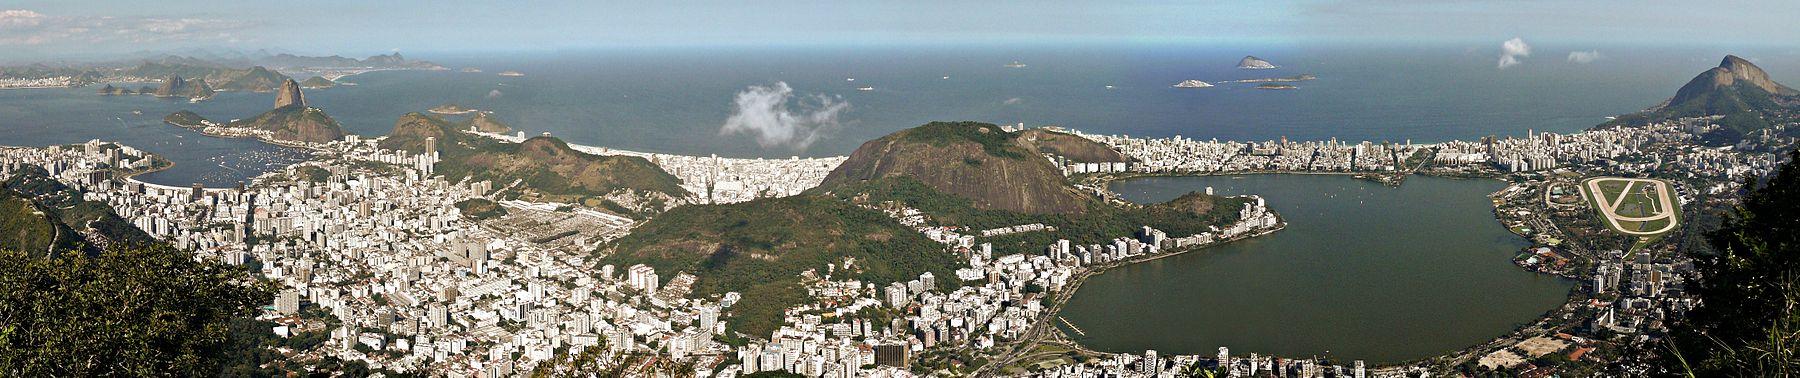 Panorama da Zona Sul, a principal região turística da cidade.